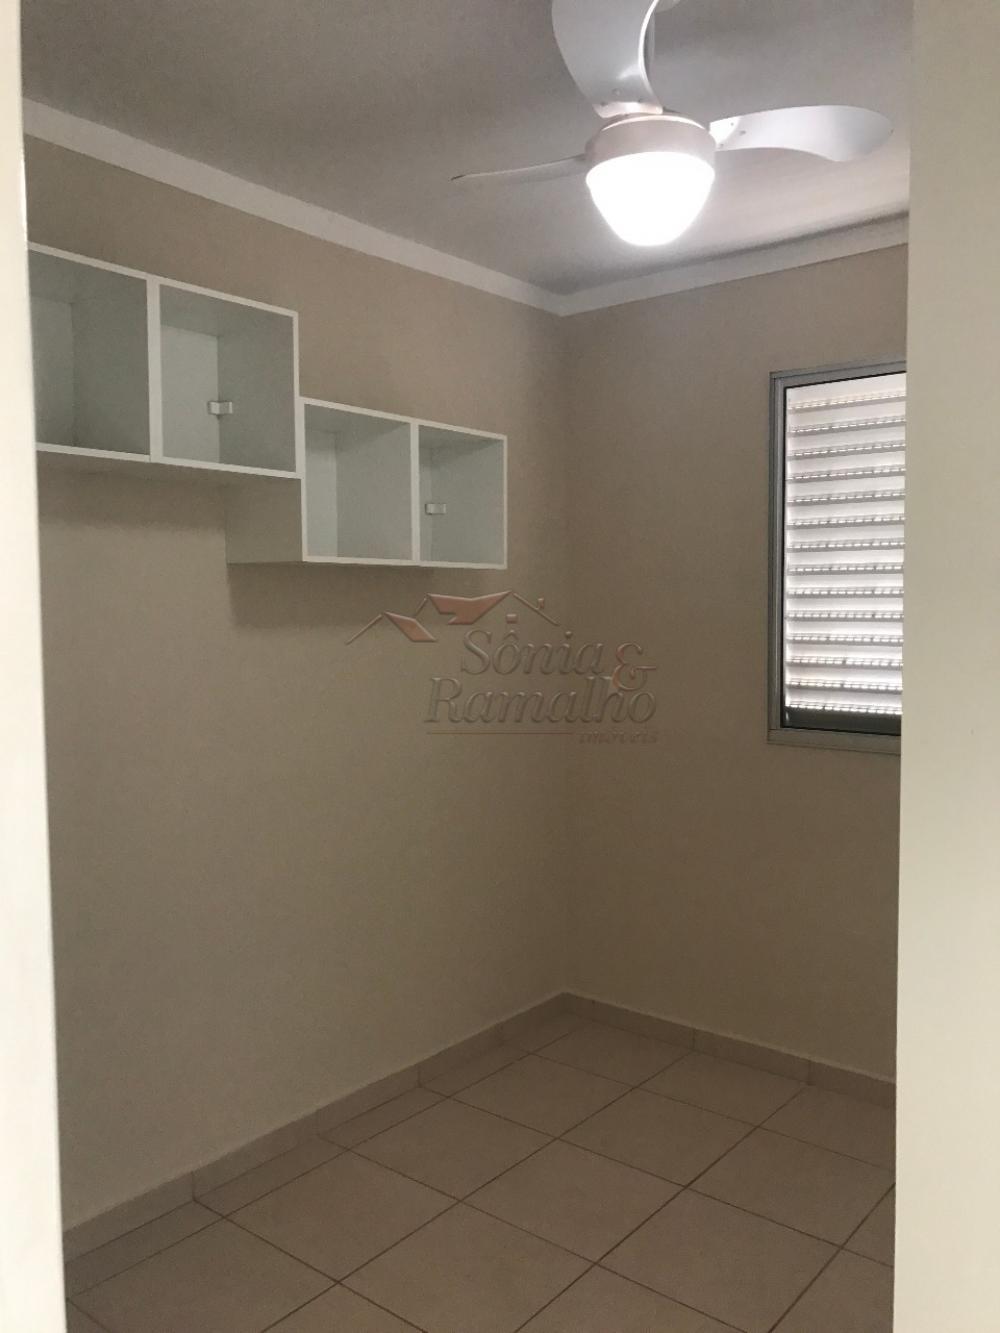 Comprar Apartamentos / Padrão em Ribeirão Preto apenas R$ 280.000,00 - Foto 11